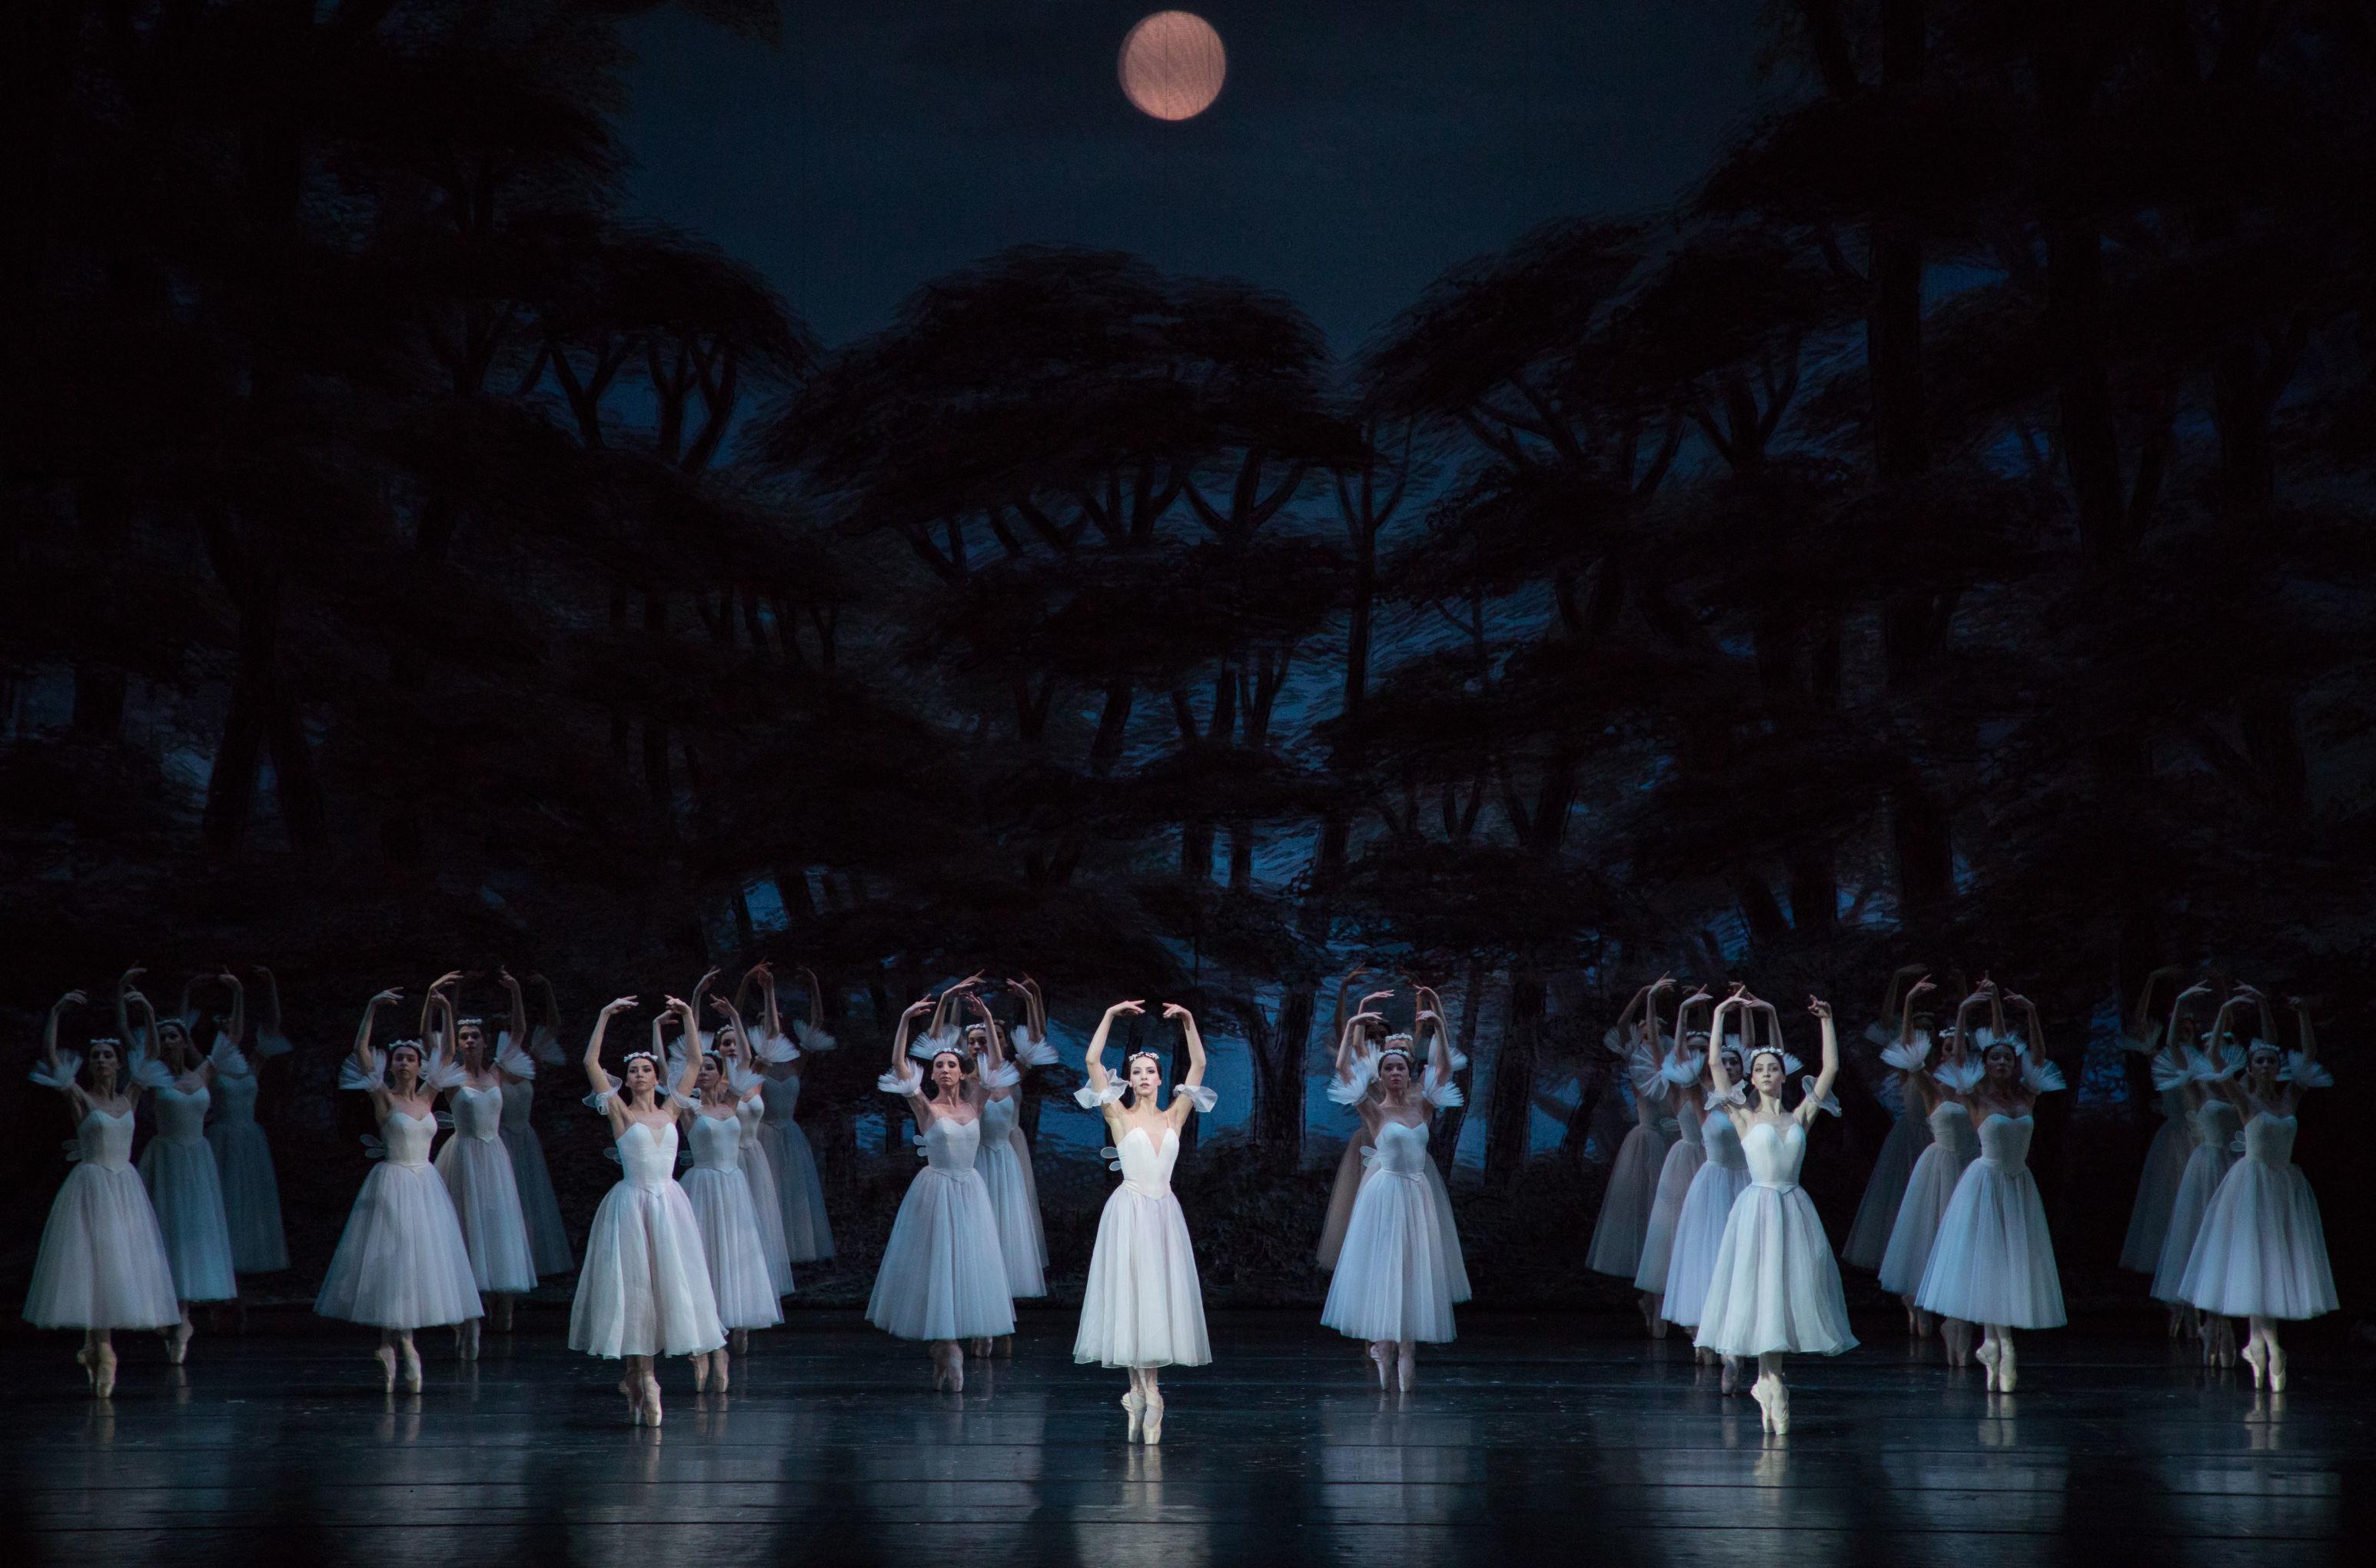 El ballet clásico 'Giselle' en el teatro Stanislavski en Moscú